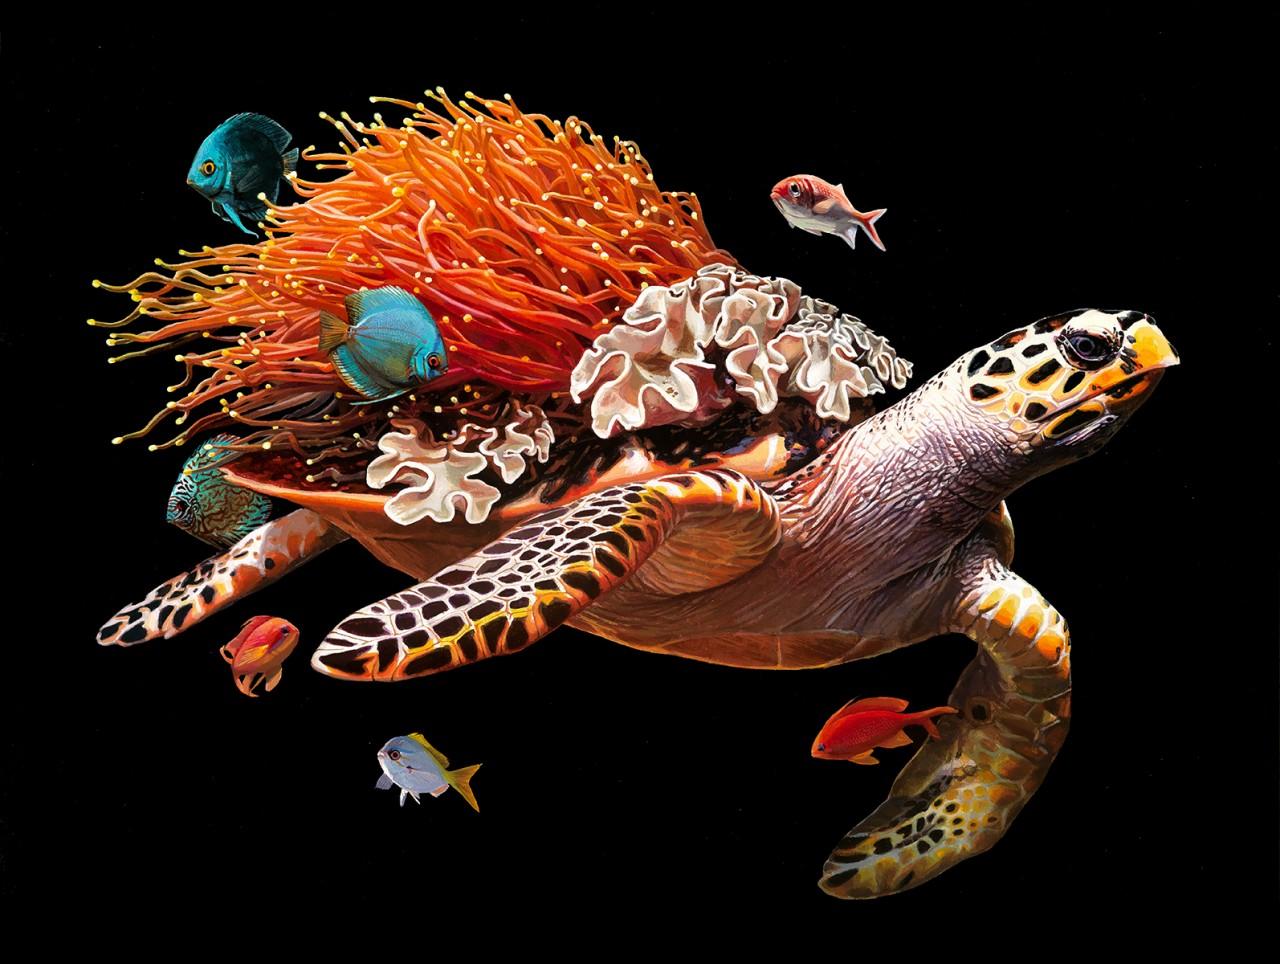 Мир, который держит черепаха на своей спине